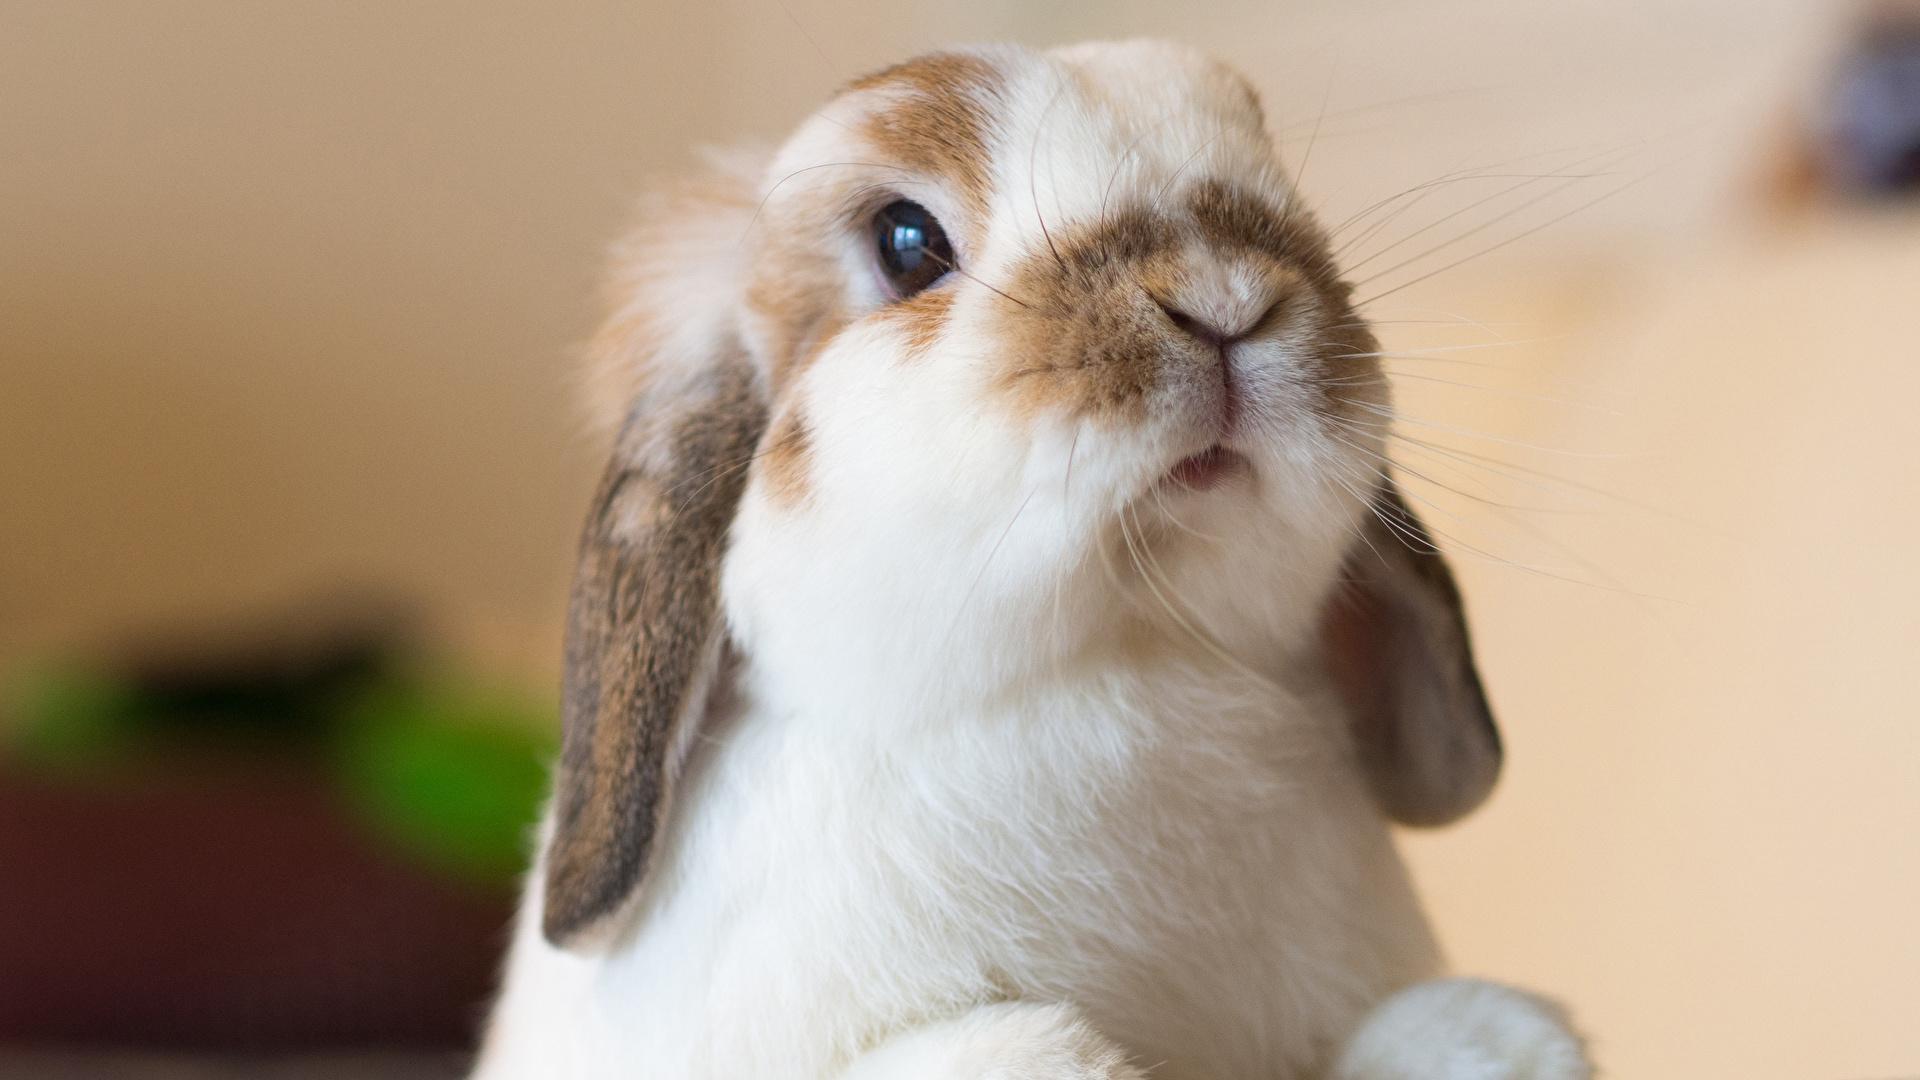 壁紙 1920x1080 ウサギ クローズアップ 動物のスナウト 動物